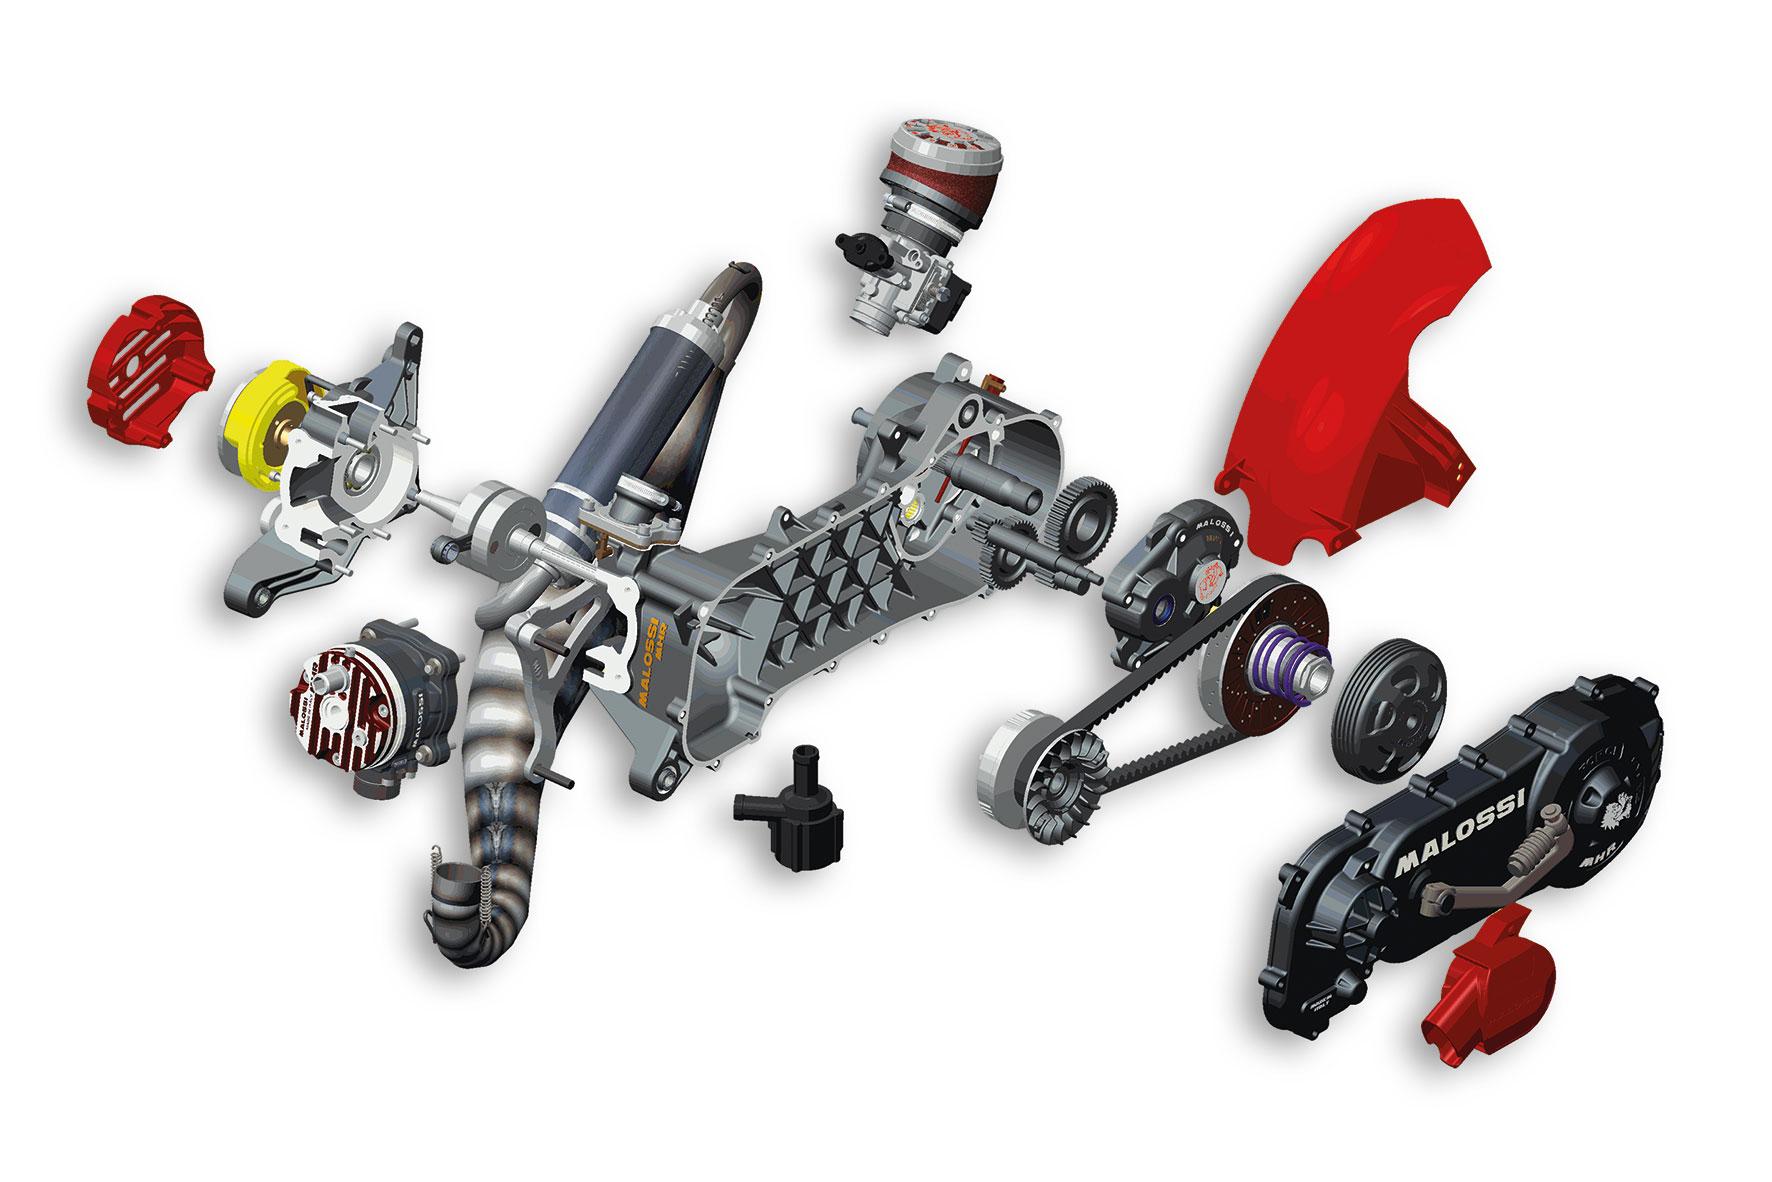 Motore completo RC-ONE 94cc, non assemblato, per motore Piaggio (ruota 12/13)